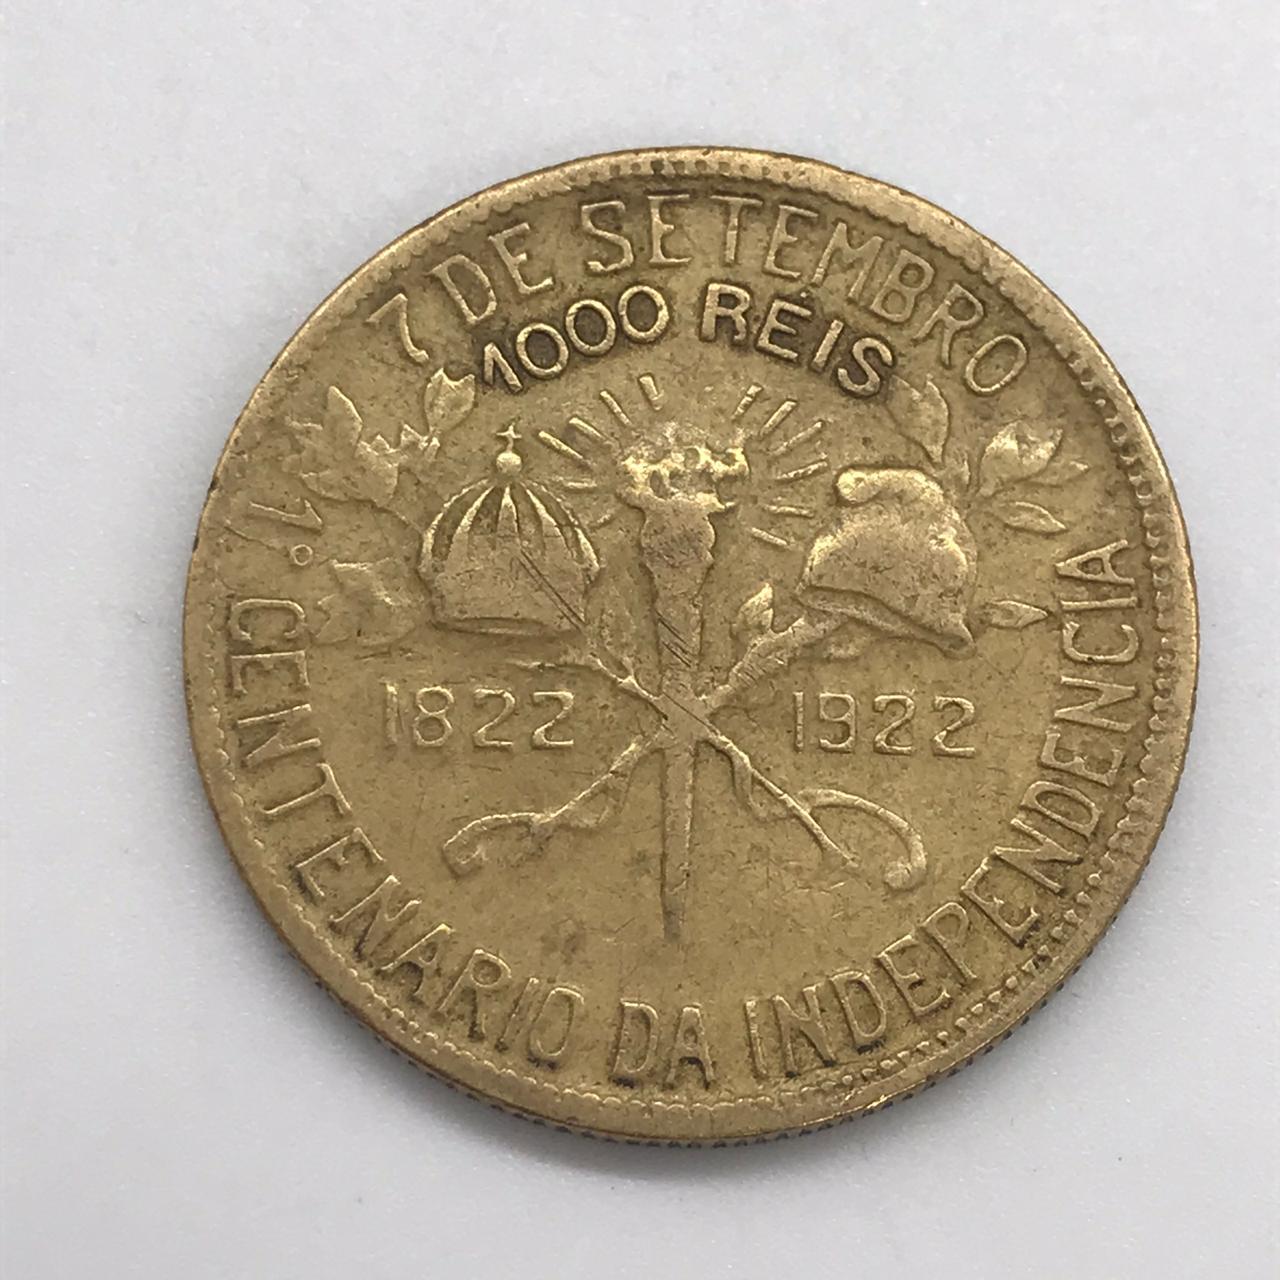 1000 RÉIS 1922 CENTENÁRIO DA INDEPENDÊNCIA